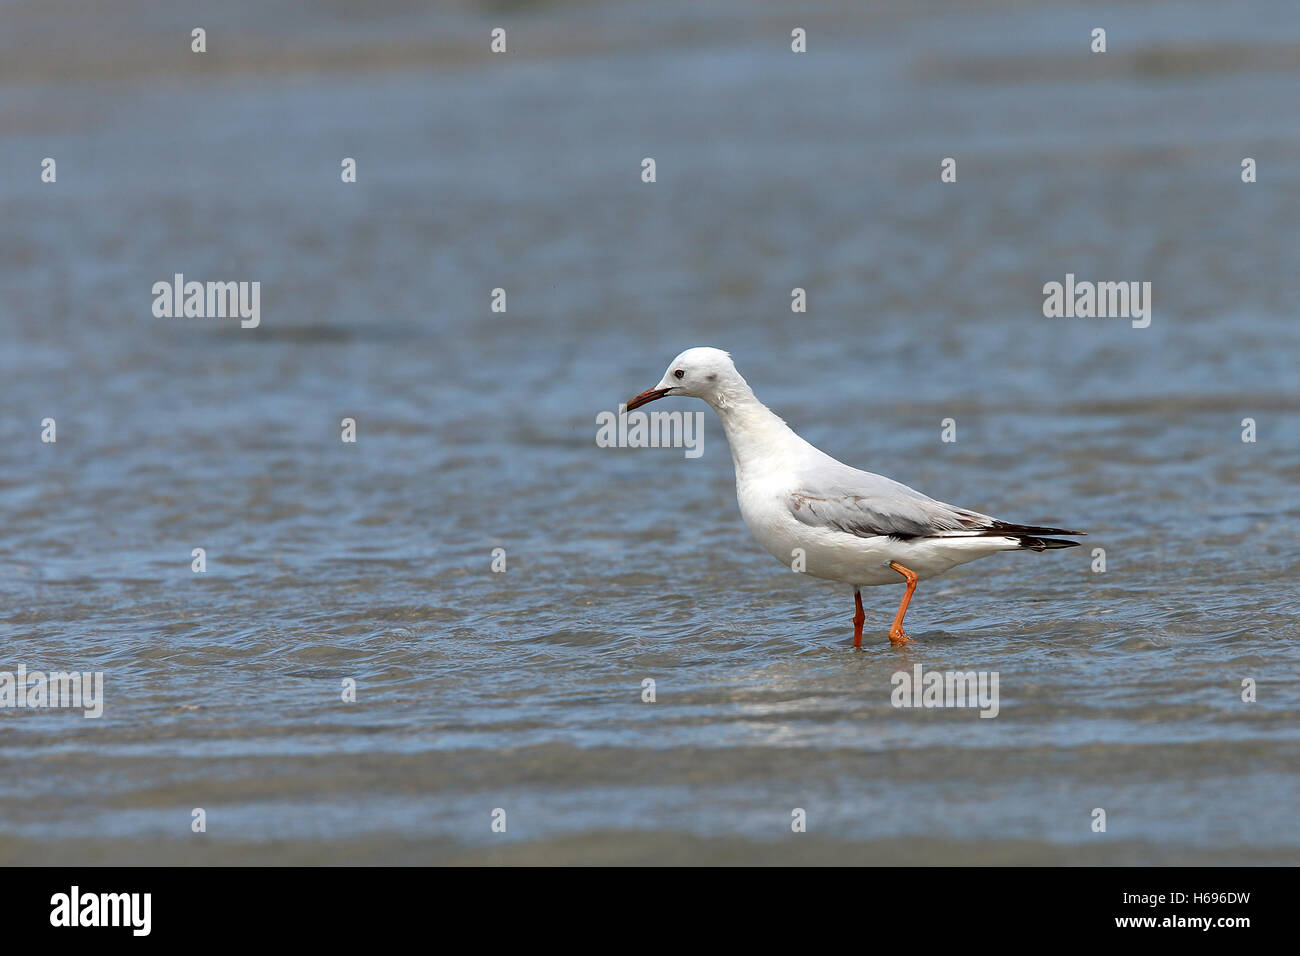 Slender-billed Gull (Larus genei), Merja Zerga, Morocco. Stock Photo